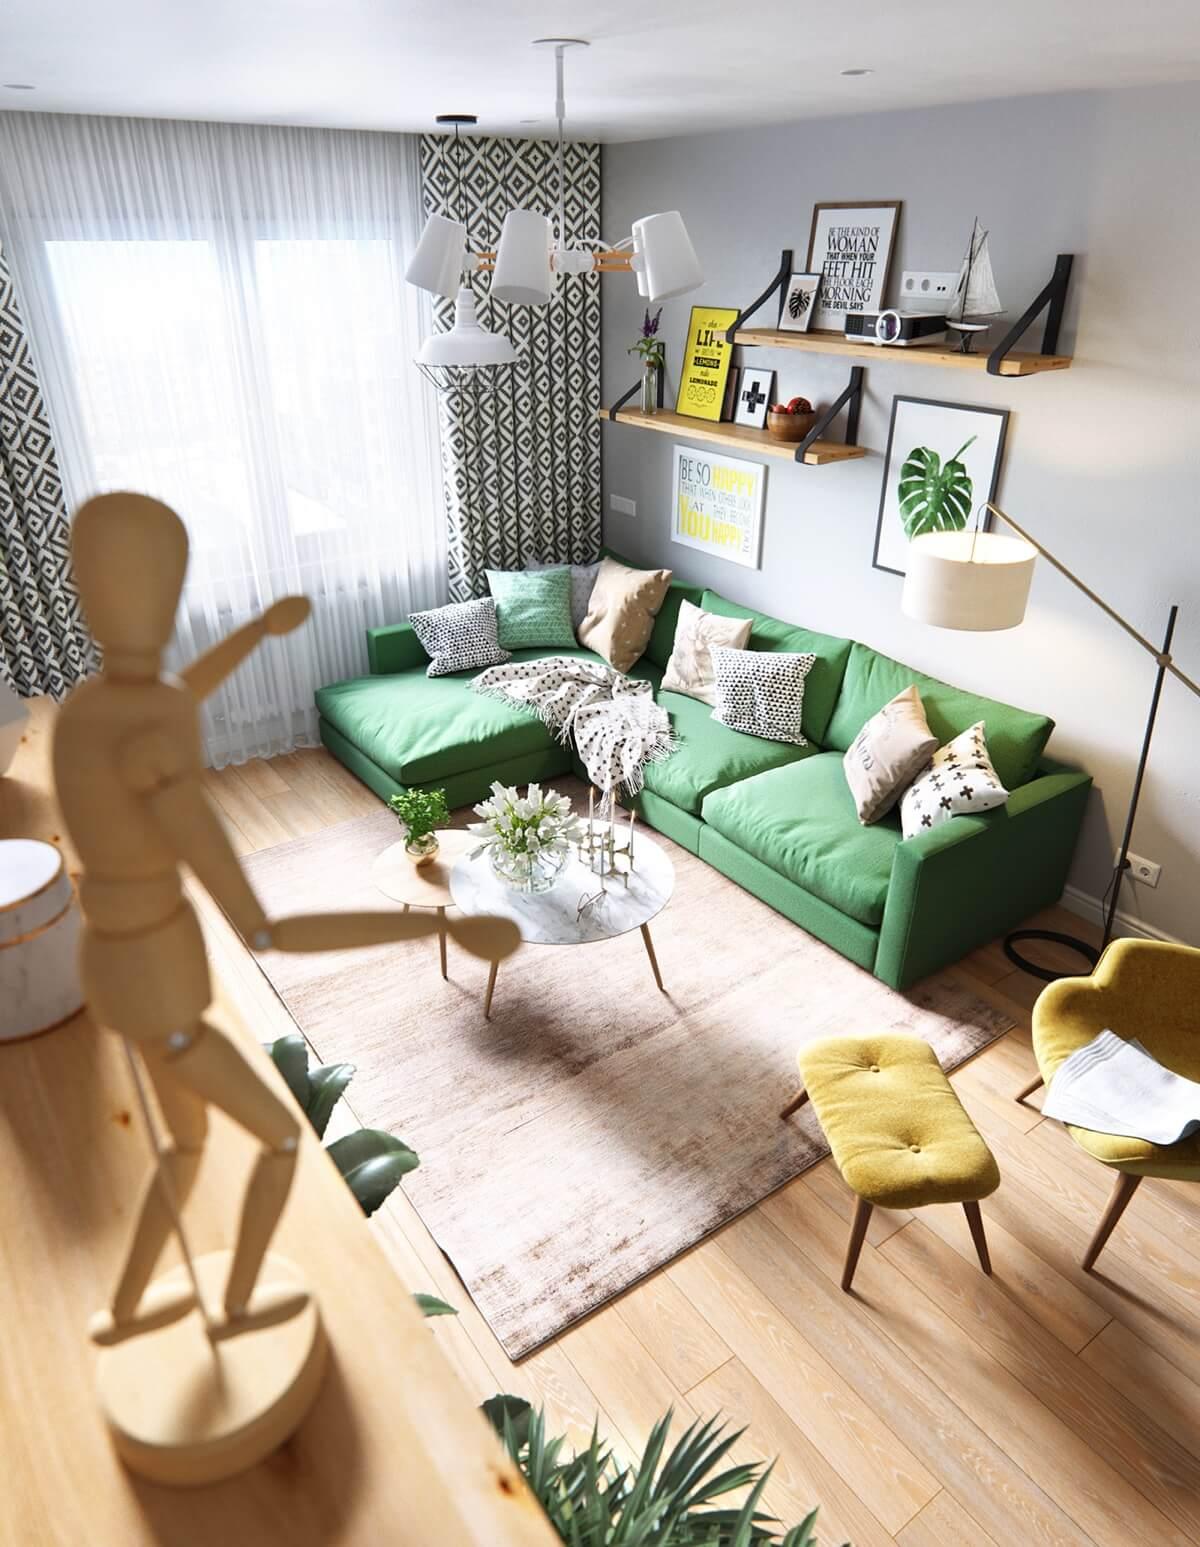 cách trang trí nội thất nhà diện tích nhỏ 01